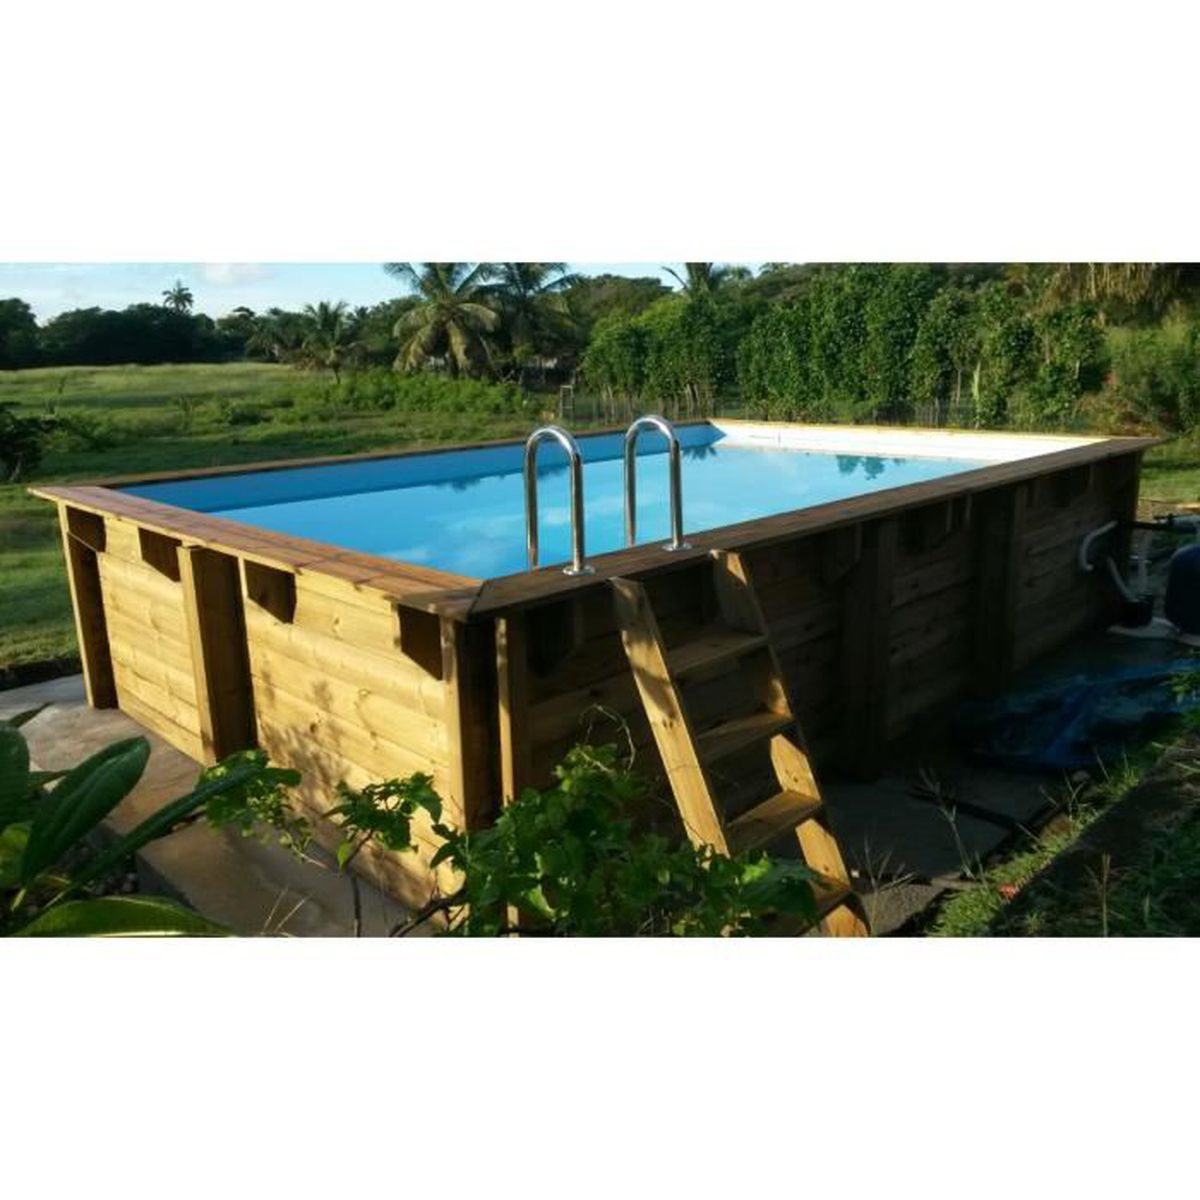 Piscine bois nortland ubbink samoa 430 cm x 300cm x 126cm for Liner piscine diametre 3 50